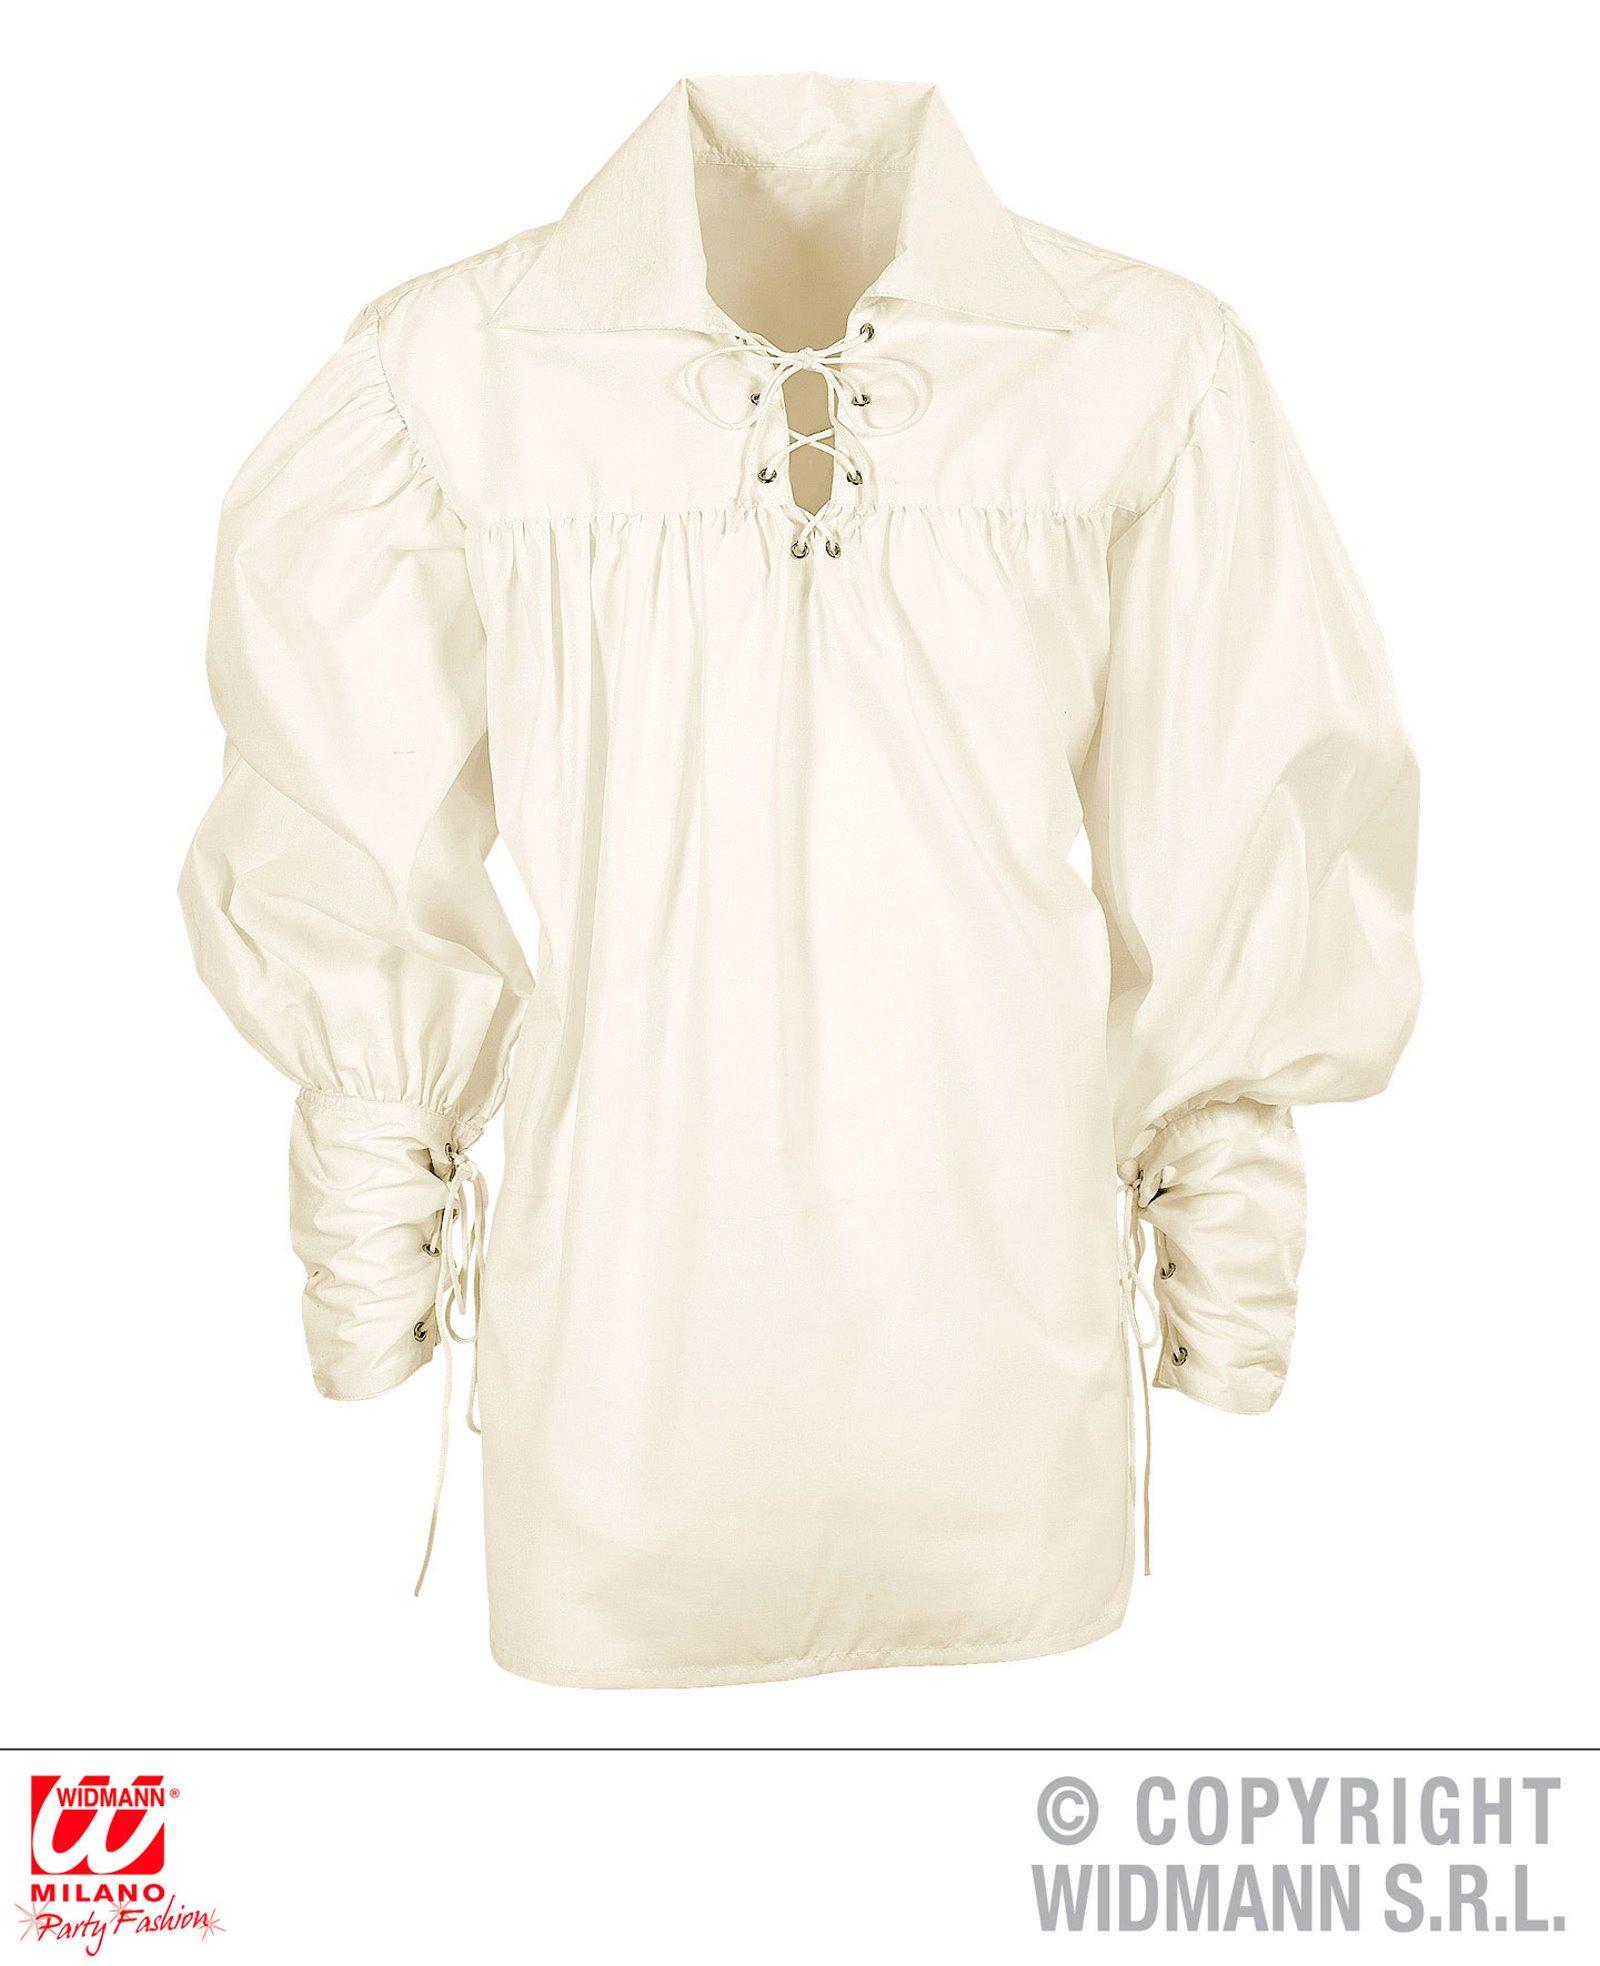 WIDMANN wdm67656 ? Disfraz para adultos Camisa Spadaccino Crema, Blanco, M: Amazon.es: Juguetes y juegos